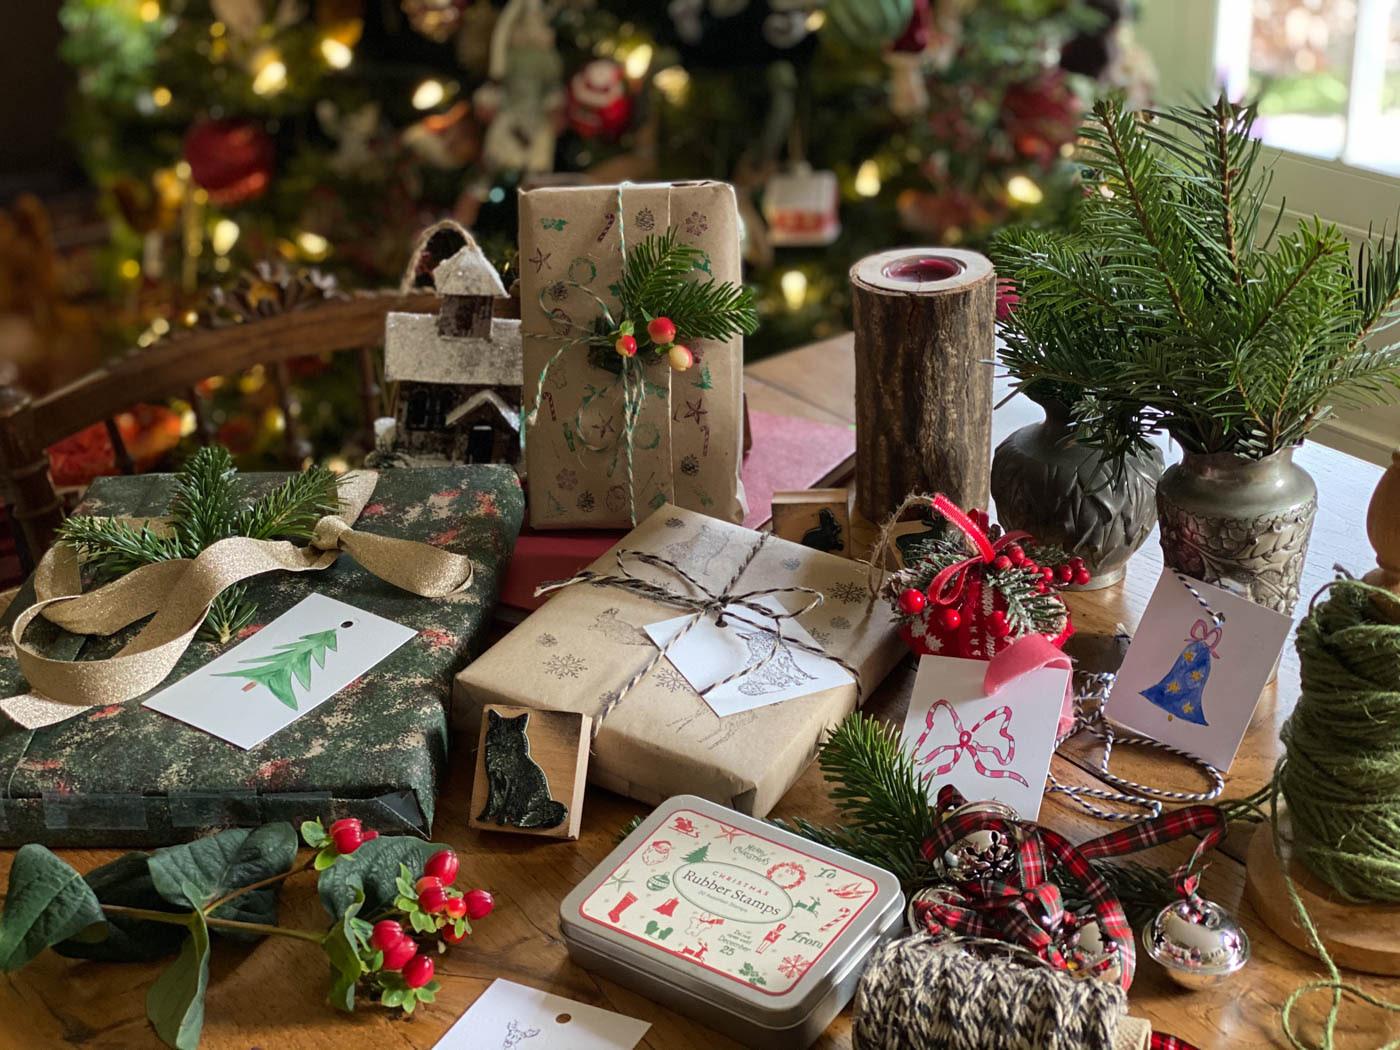 DIY-Noel-Christmas-preparer-fetes-ideas-festive-season